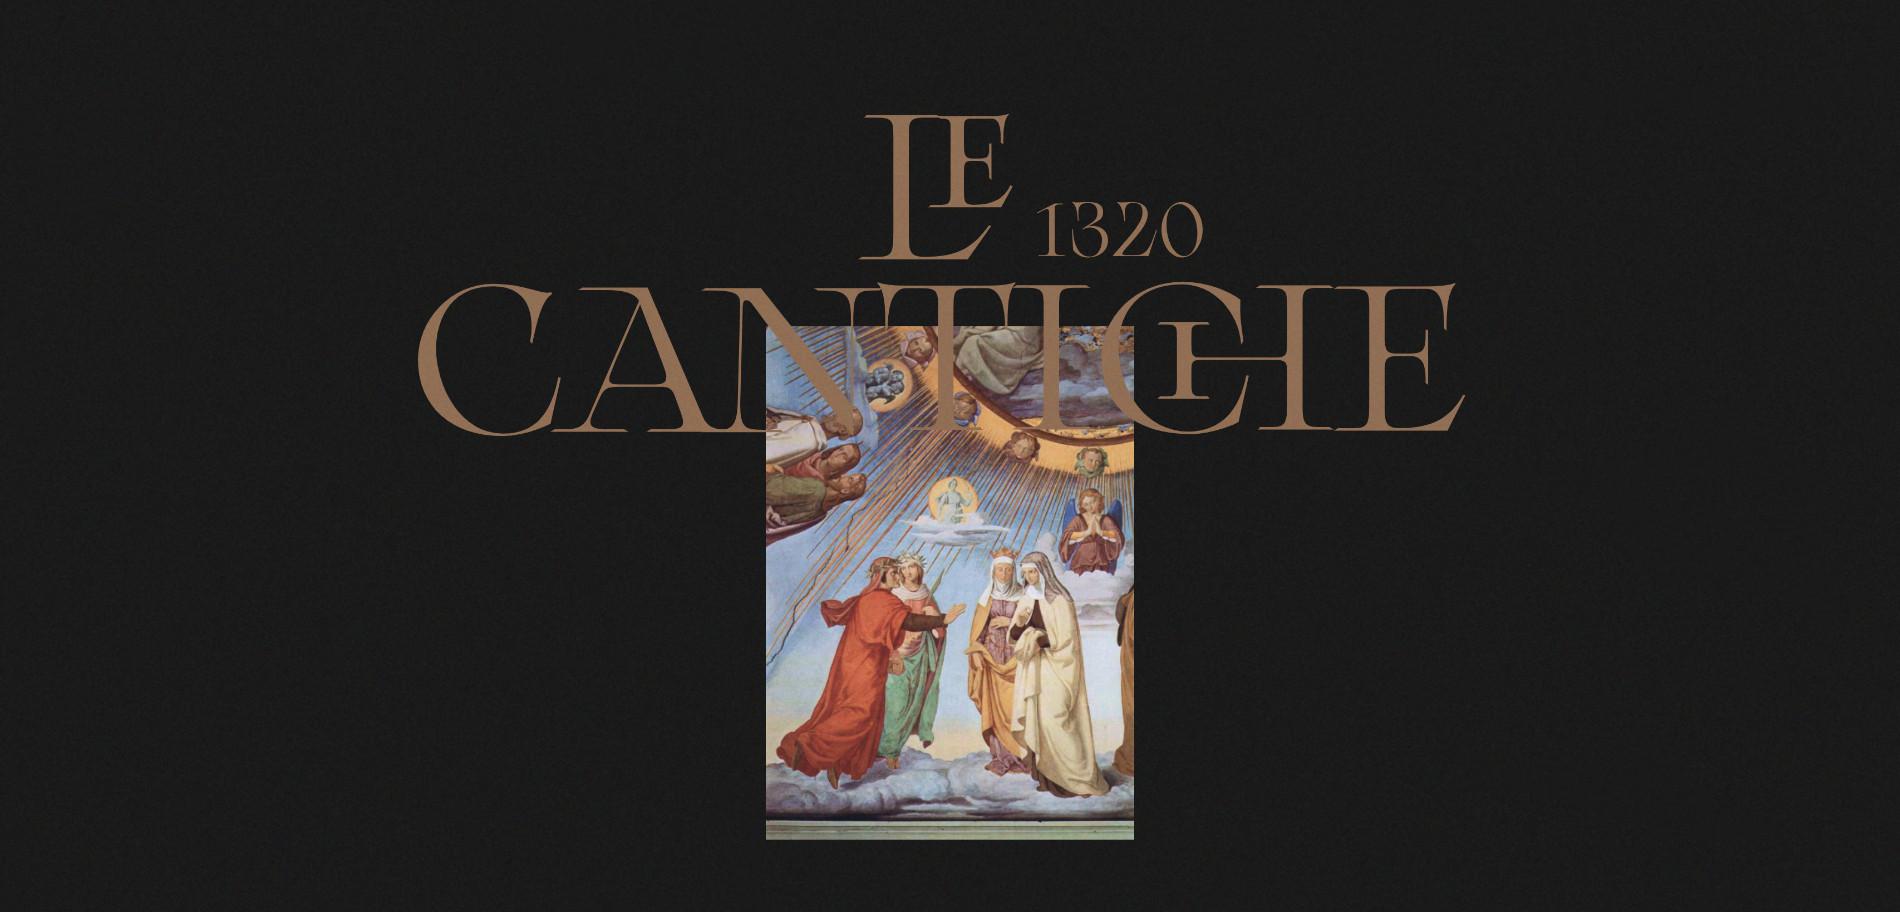 Case Study: Le Cantiche 1320